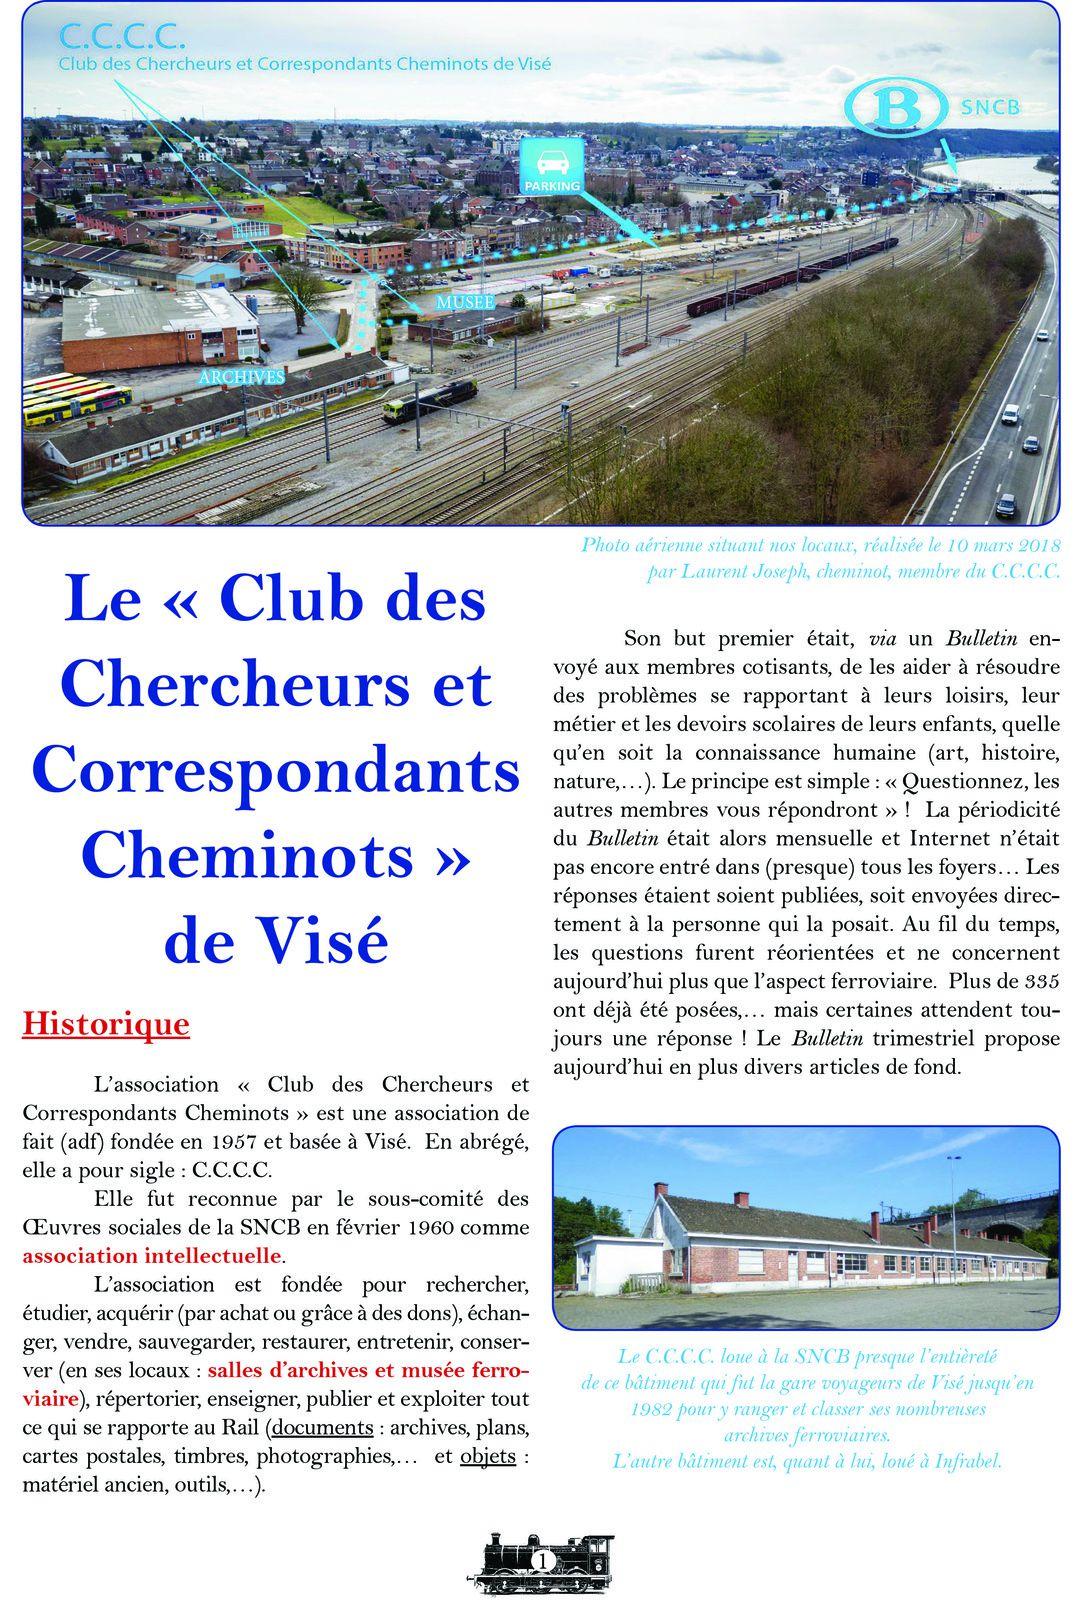 Le Club des Chercheurs & Correspondants Cheminots de Visé Qui sommes nous ?